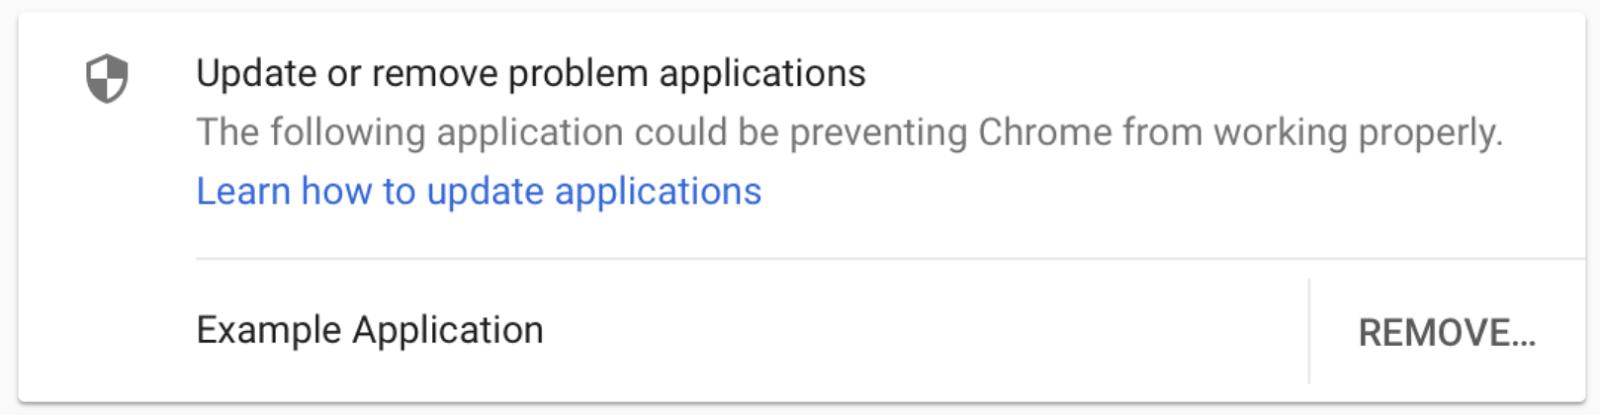 Bringt ein Antiviren-Programm den Chrome-Browser zum Absturz, erhält der Nutzer künftig einen Warnhinweis darüber.